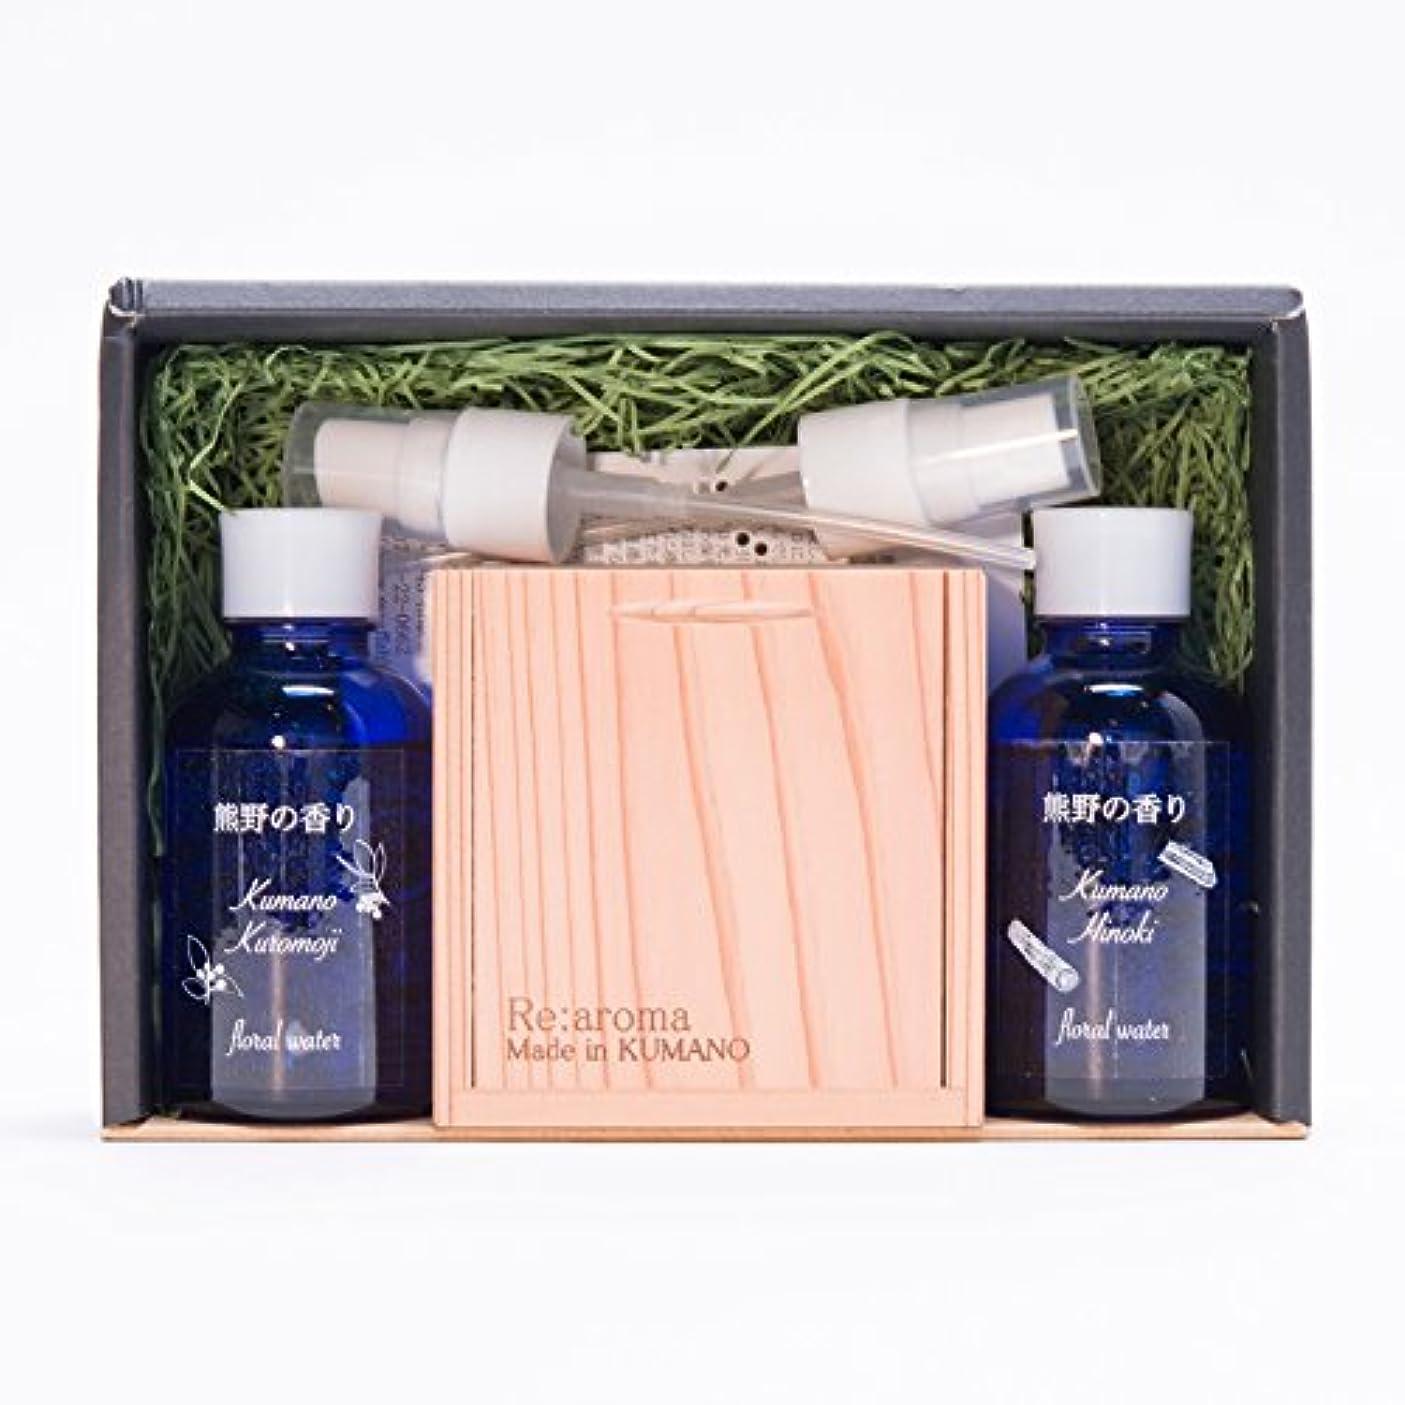 回路うるさい本当に熊野の香り アロマセット〔アロマオイル熊野杉(木箱入りクロモジ枝付)?フローラルウォーター2種〕